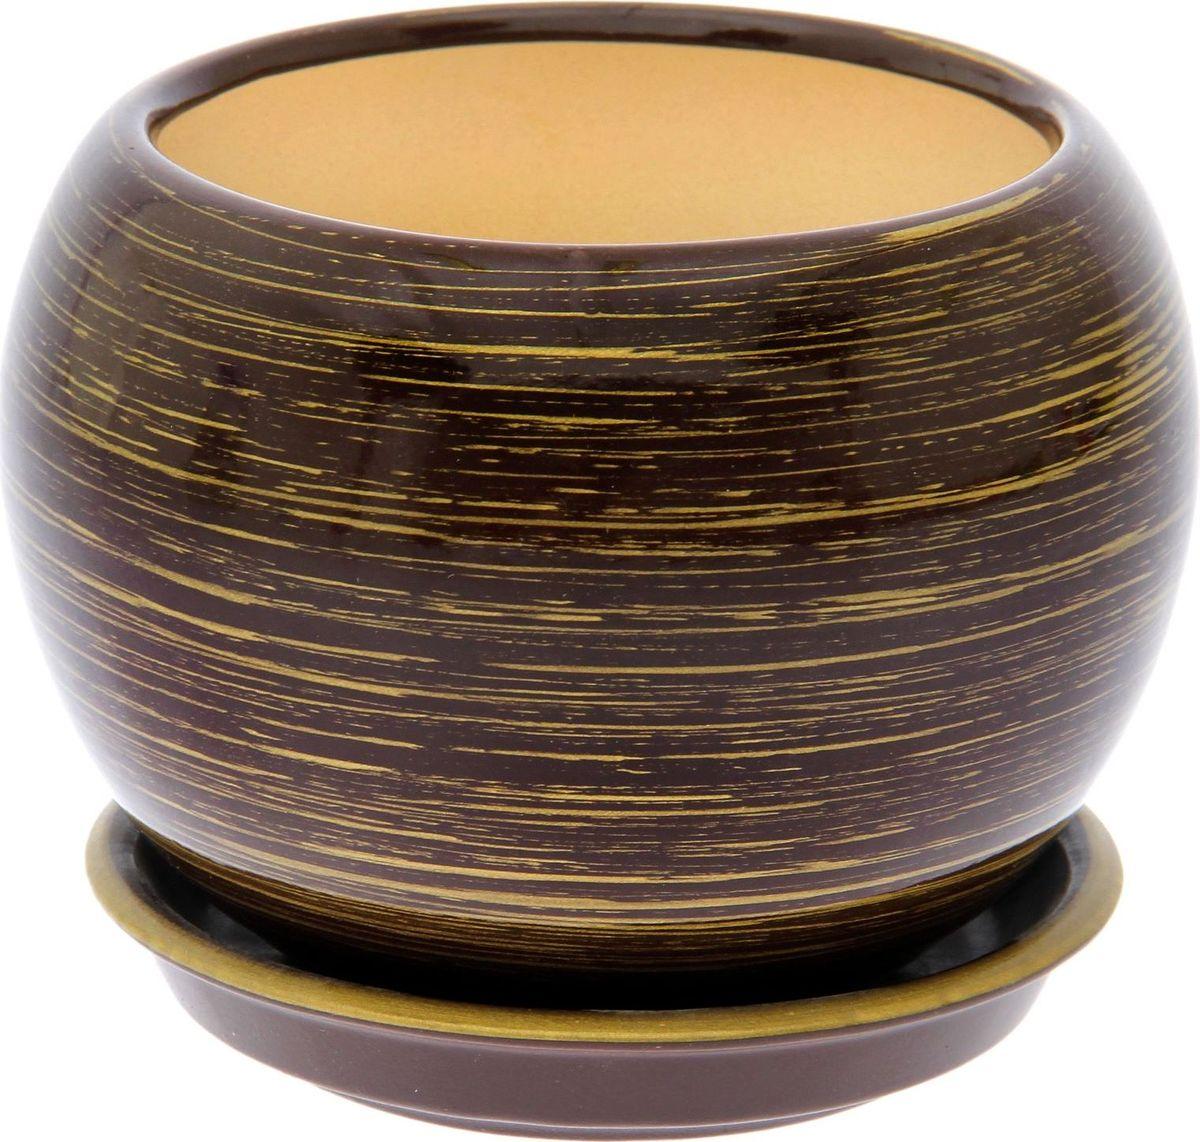 Кашпо Керамика ручной работы Шар, цвет: шоколадный, золотой, 9 л